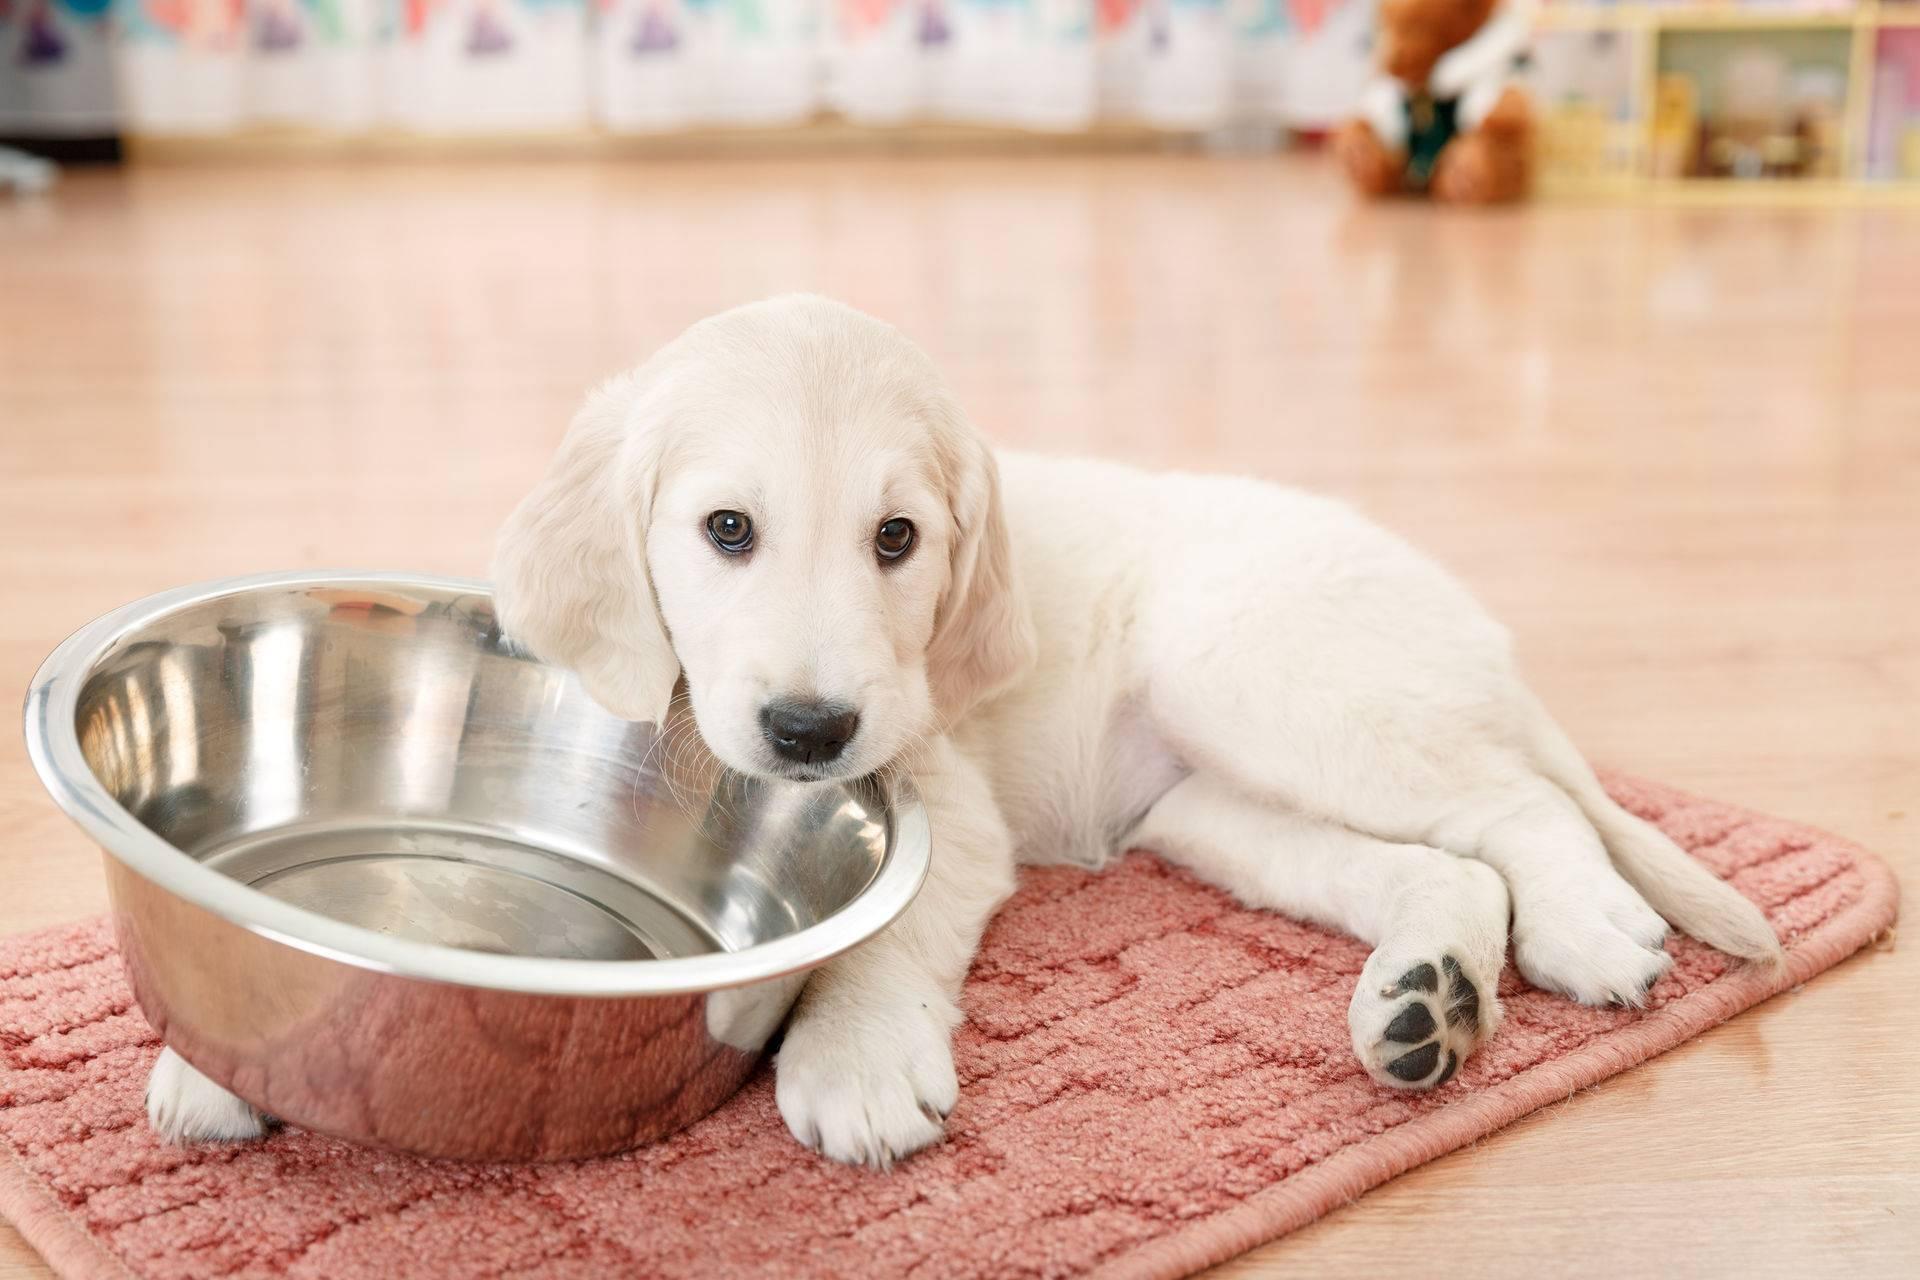 Прогулка с собакой: сколько нужно гулять, когда кормить, что взять с собой, чем заняться, правила выгула, гигиена